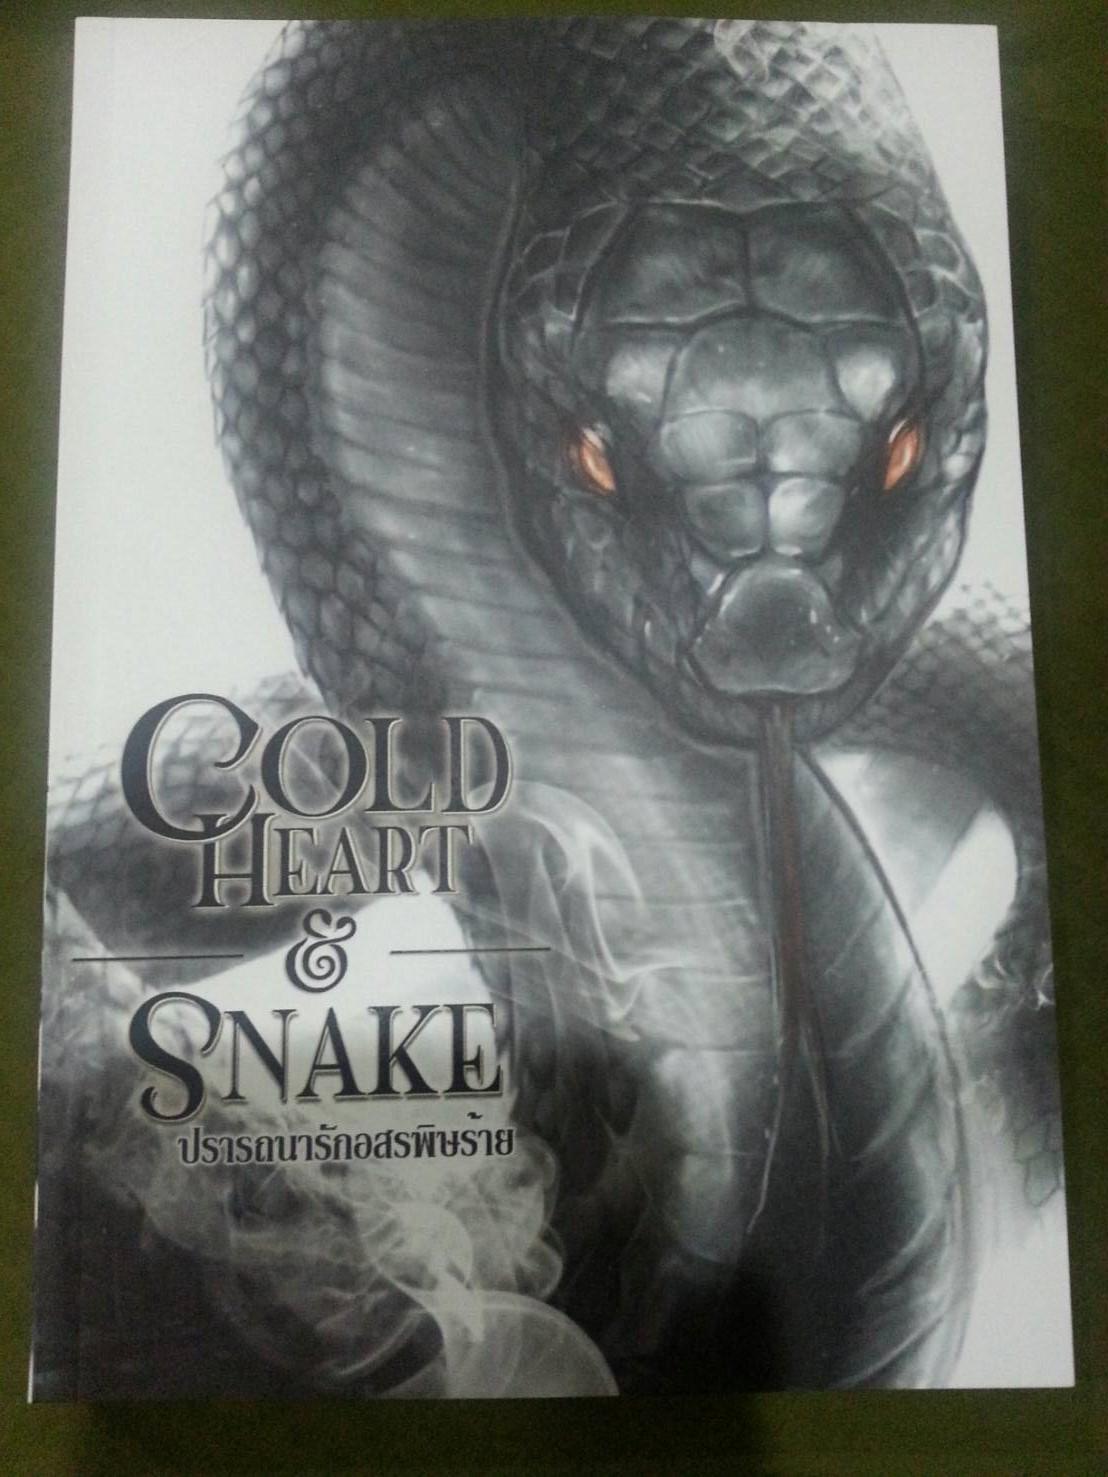 DG.Series COLD-HEART SNAKE By RiRi เล่ม 1 มัดจำ 500 ค่าเช่า 100b.